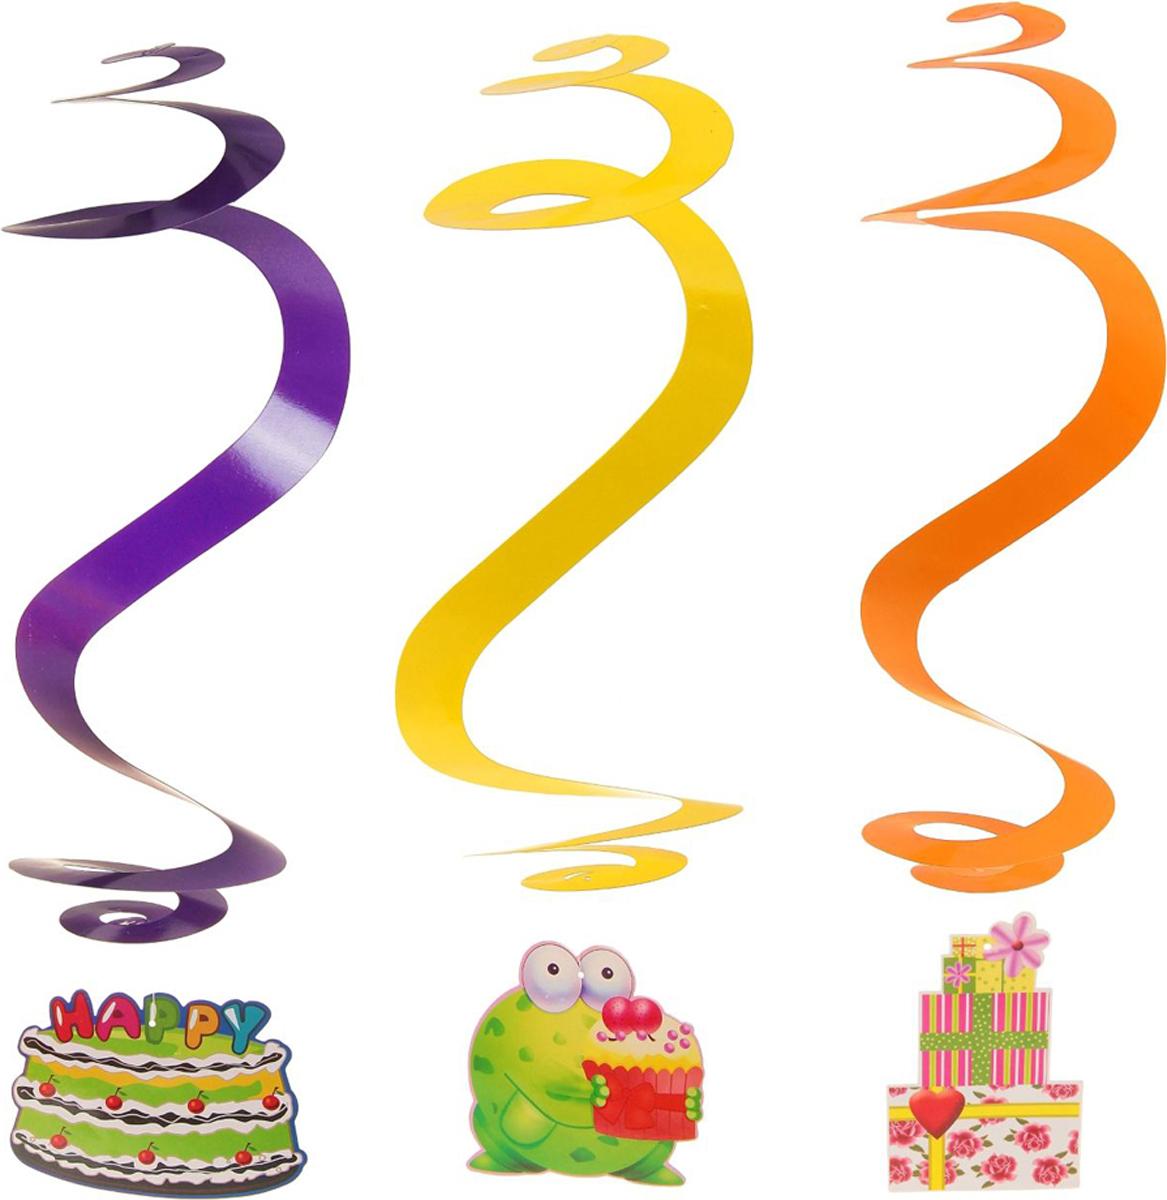 Страна Карнавалия Спираль День Рождения! набор 3 шт 302221 -  Серпантин